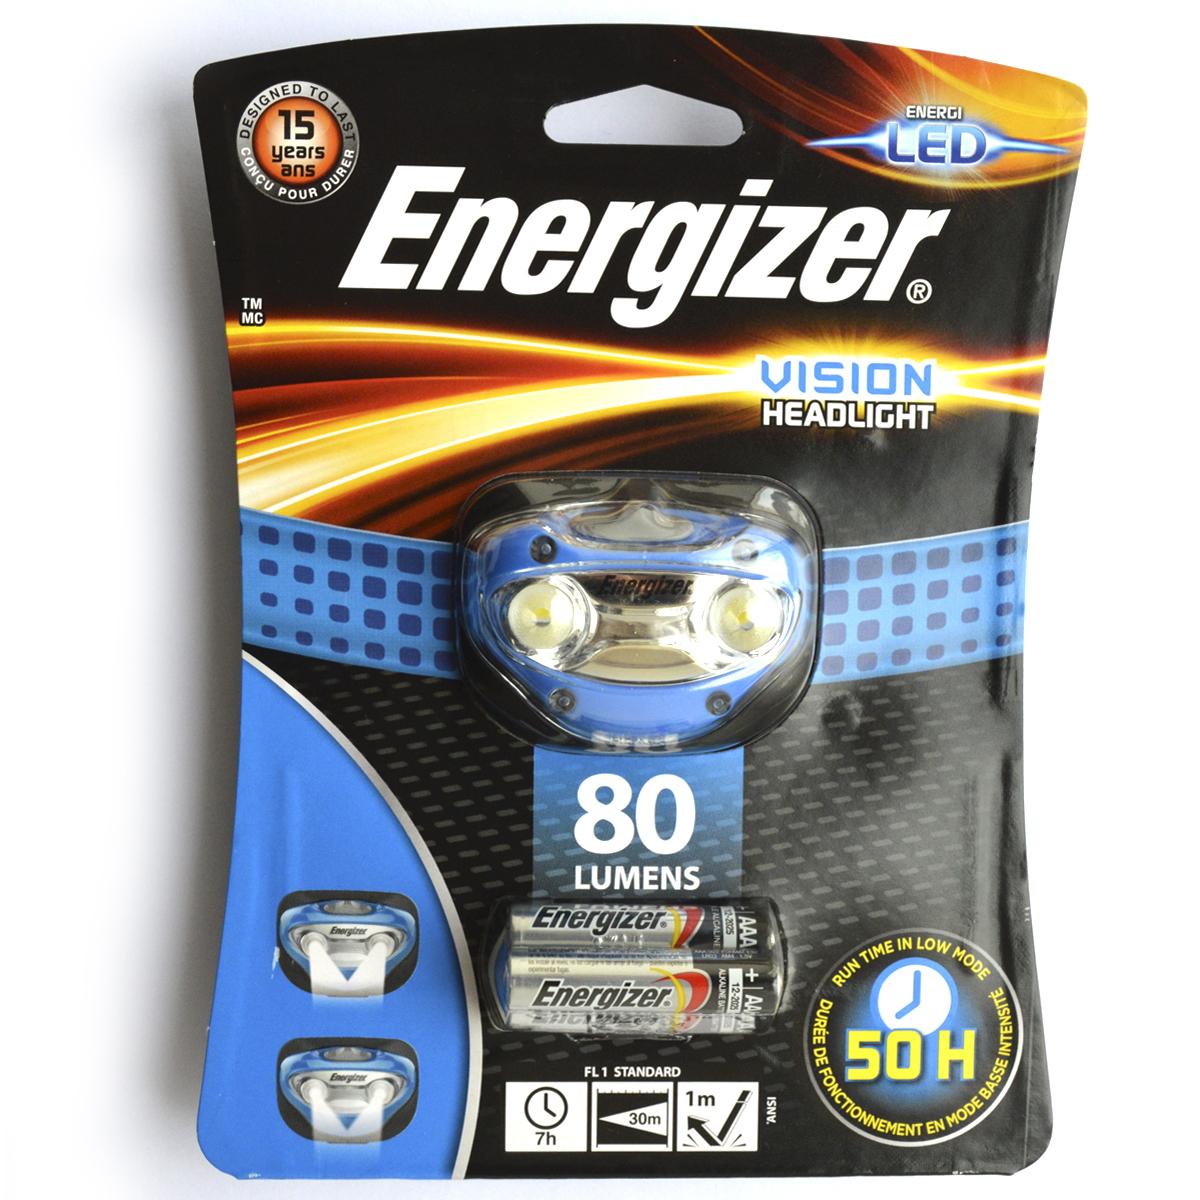 Фонарь налобный Energizer Headlight Vision. E300280300E3002803002 белых светодиода Режимы освещения с высокой и низкой мощностью Ползунковый переключатель включения/выключения Регулируемая эластичная лента для крепления на голову Поворотная головка Небьющиеся линзы Устойчив к падению с высоты в 1 метр Расчетный срок службы 15 лет 3 щелочных батарейки типоразмера AAA (входят в комплект) Обновлен и улучшен по сравнению с предыдущей линейкой, светит до 4 раз ярче, чем обычные светодиодные фонари